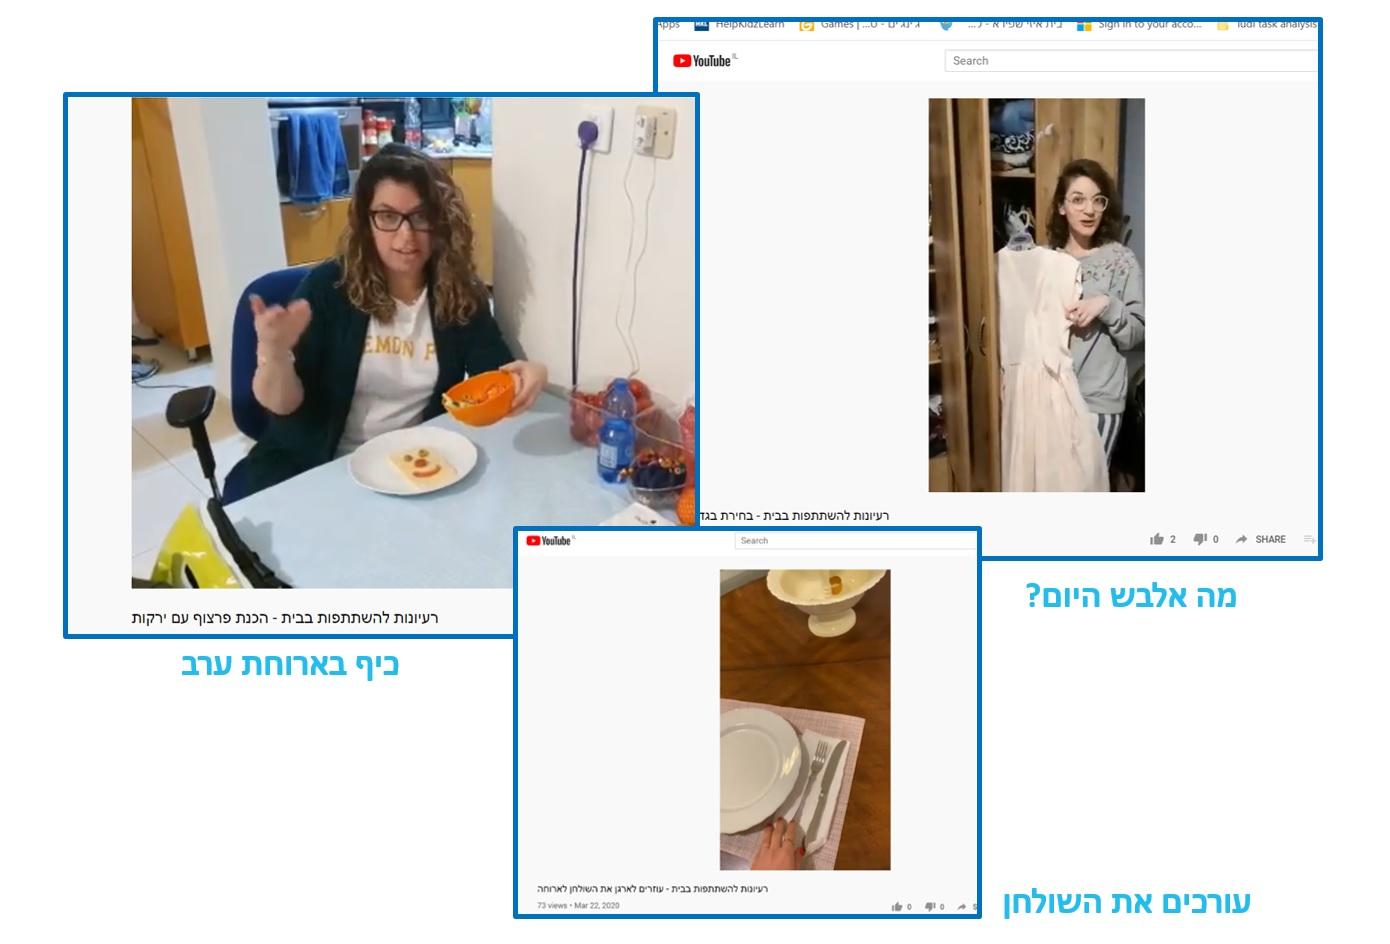 דוגמאות לסרטונים שנשלחו הביתה